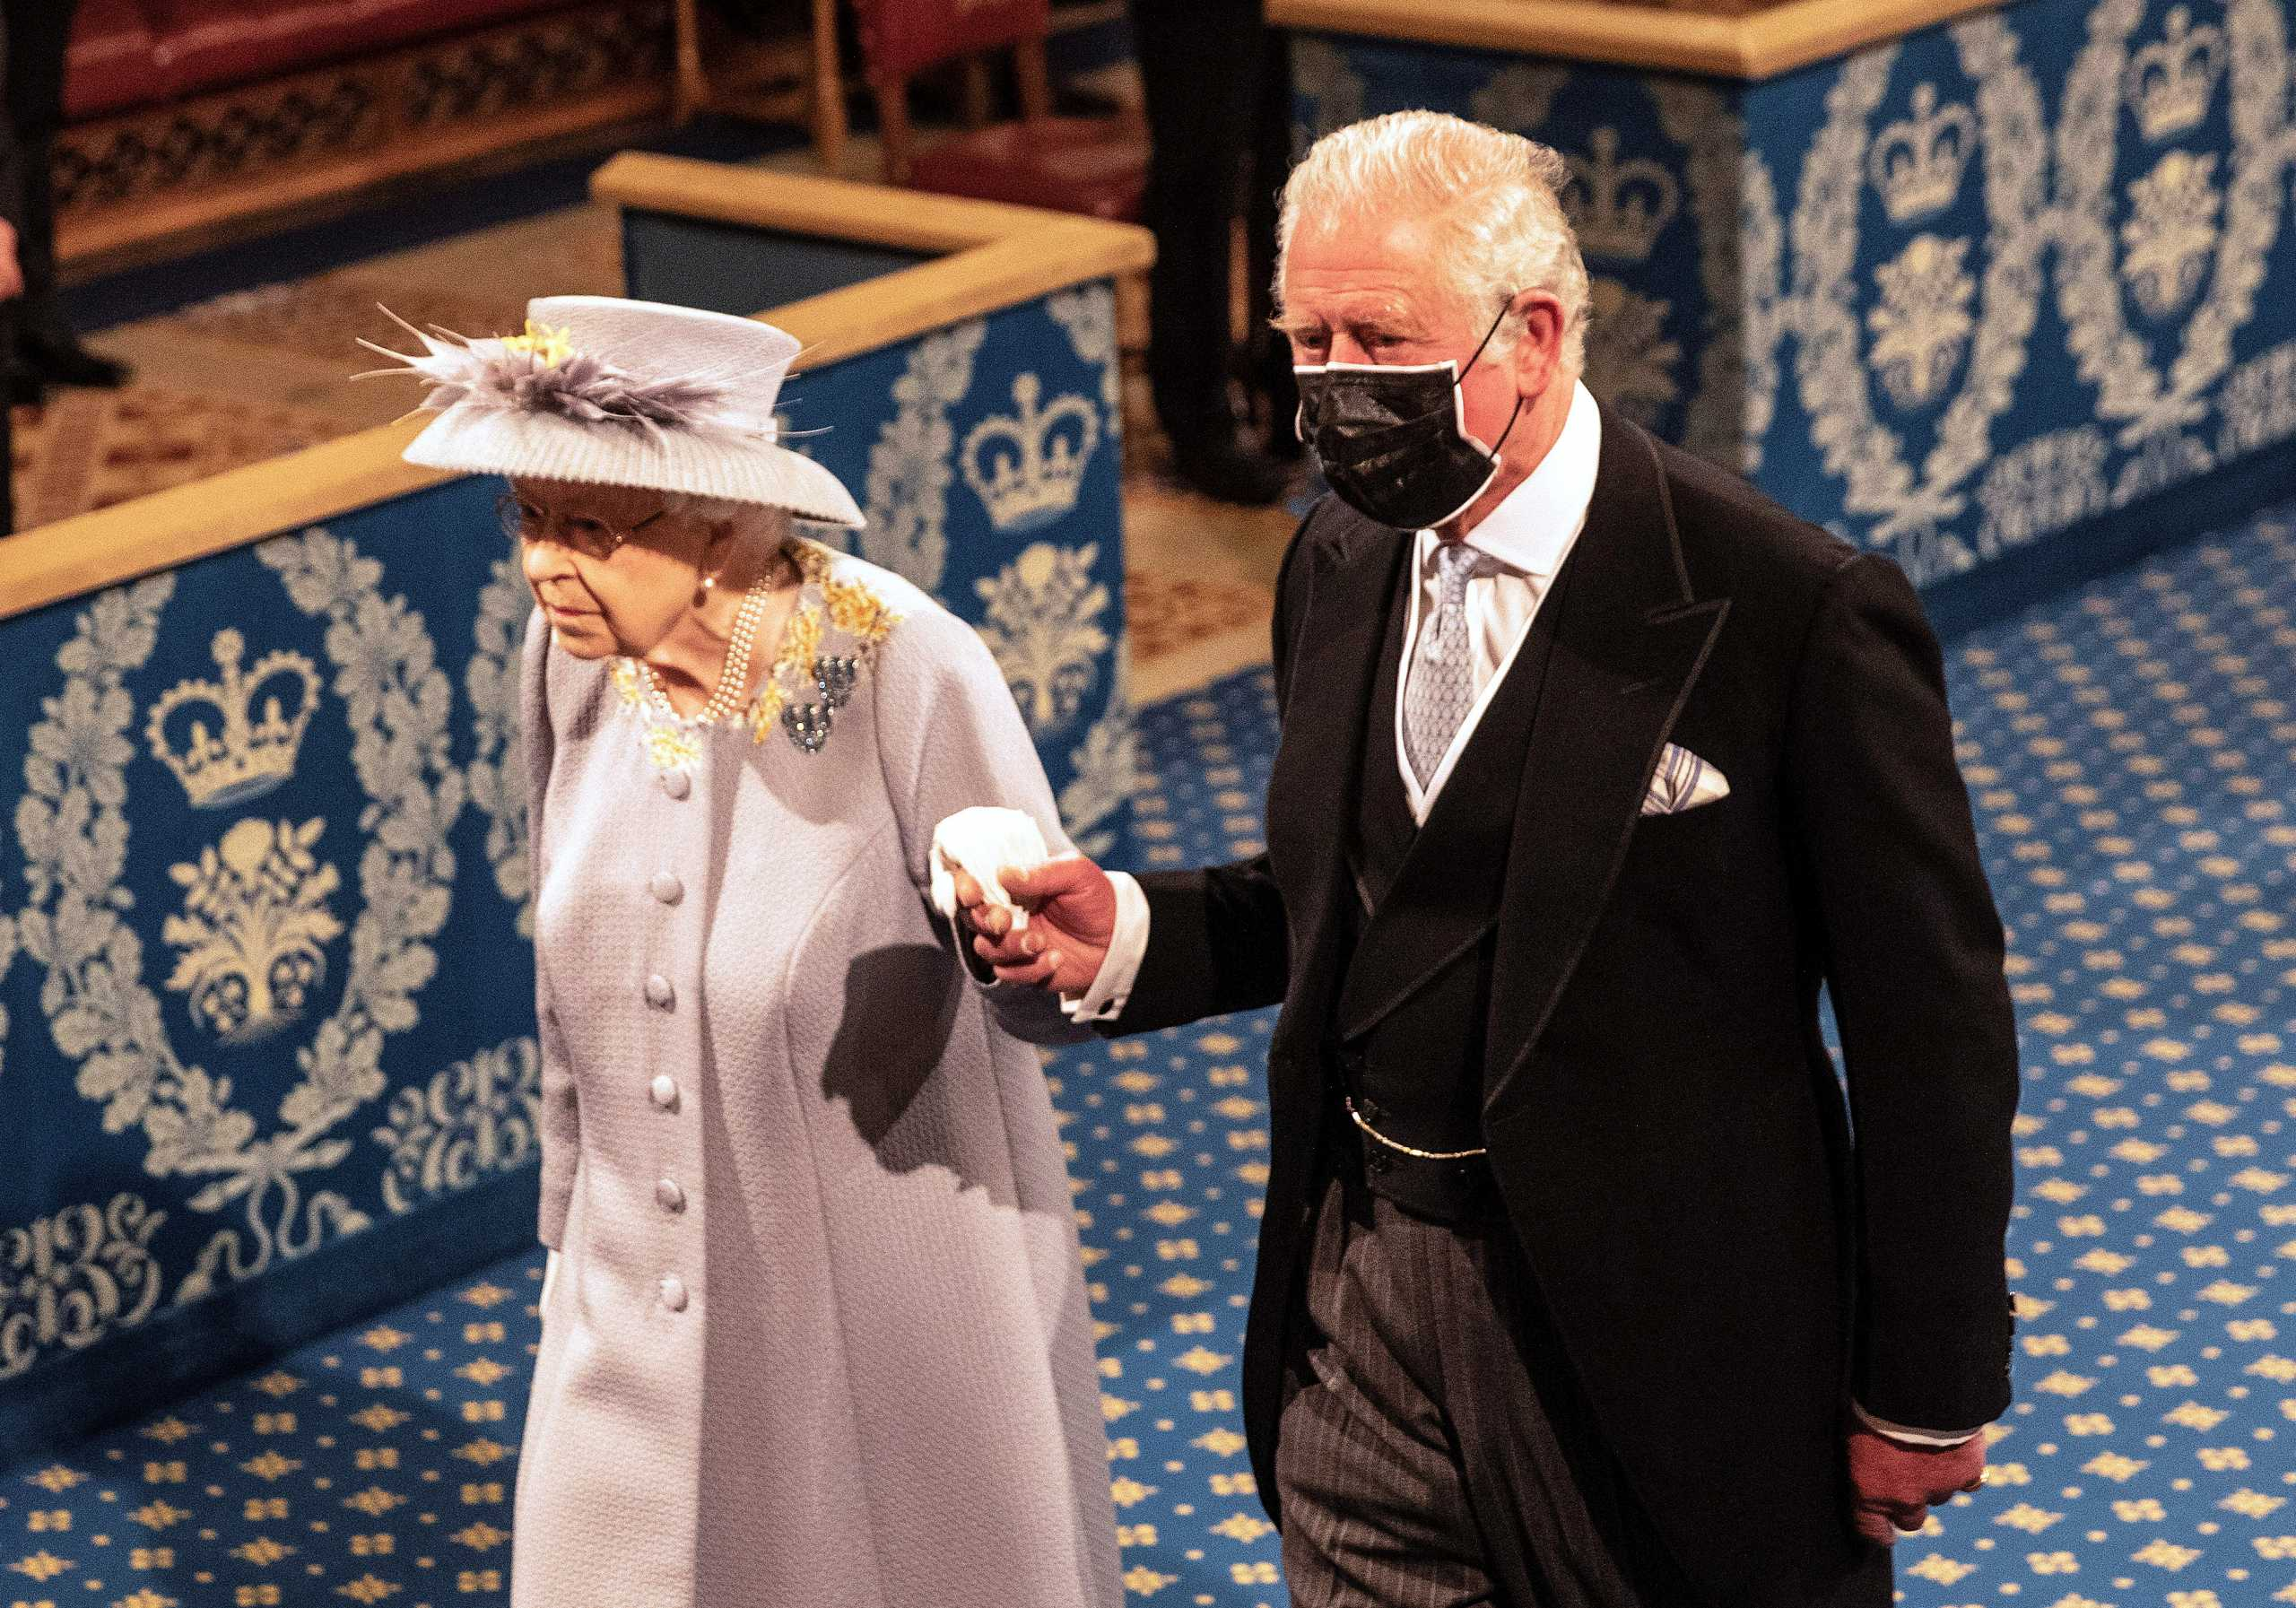 Βασίλισσα Ελισάβετ: Μόνη στην Βουλή των Λόρδων έναν μήνα μετά τον χαμό του Φίλιππου (pics)